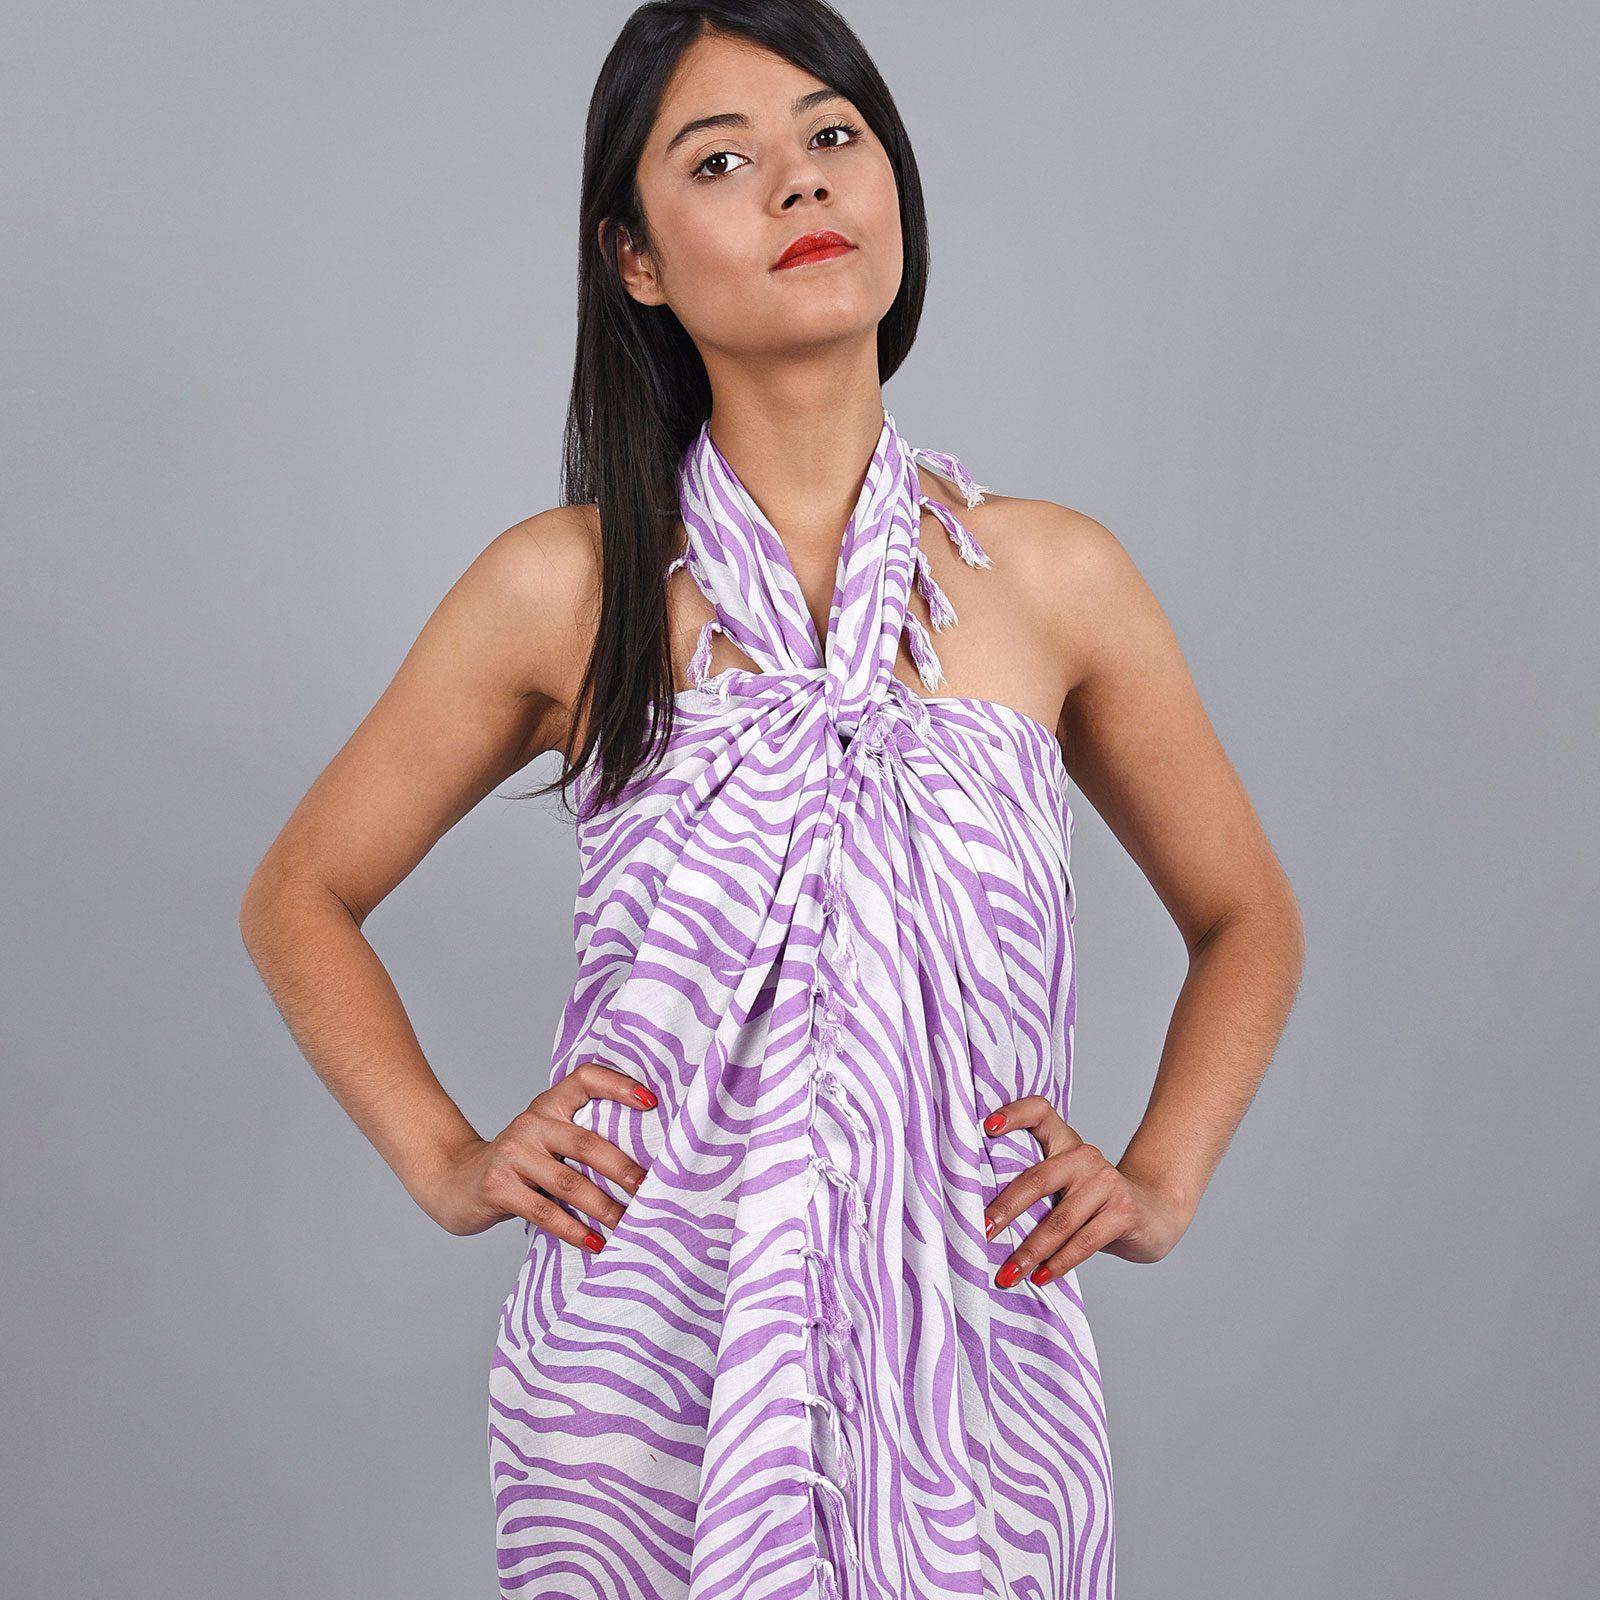 http://lookbook.allee-du-foulard.fr/wp-content/uploads/2018/06/AT-02358-V16-pareo-batik-mauve-zebre-1600x1600.jpg